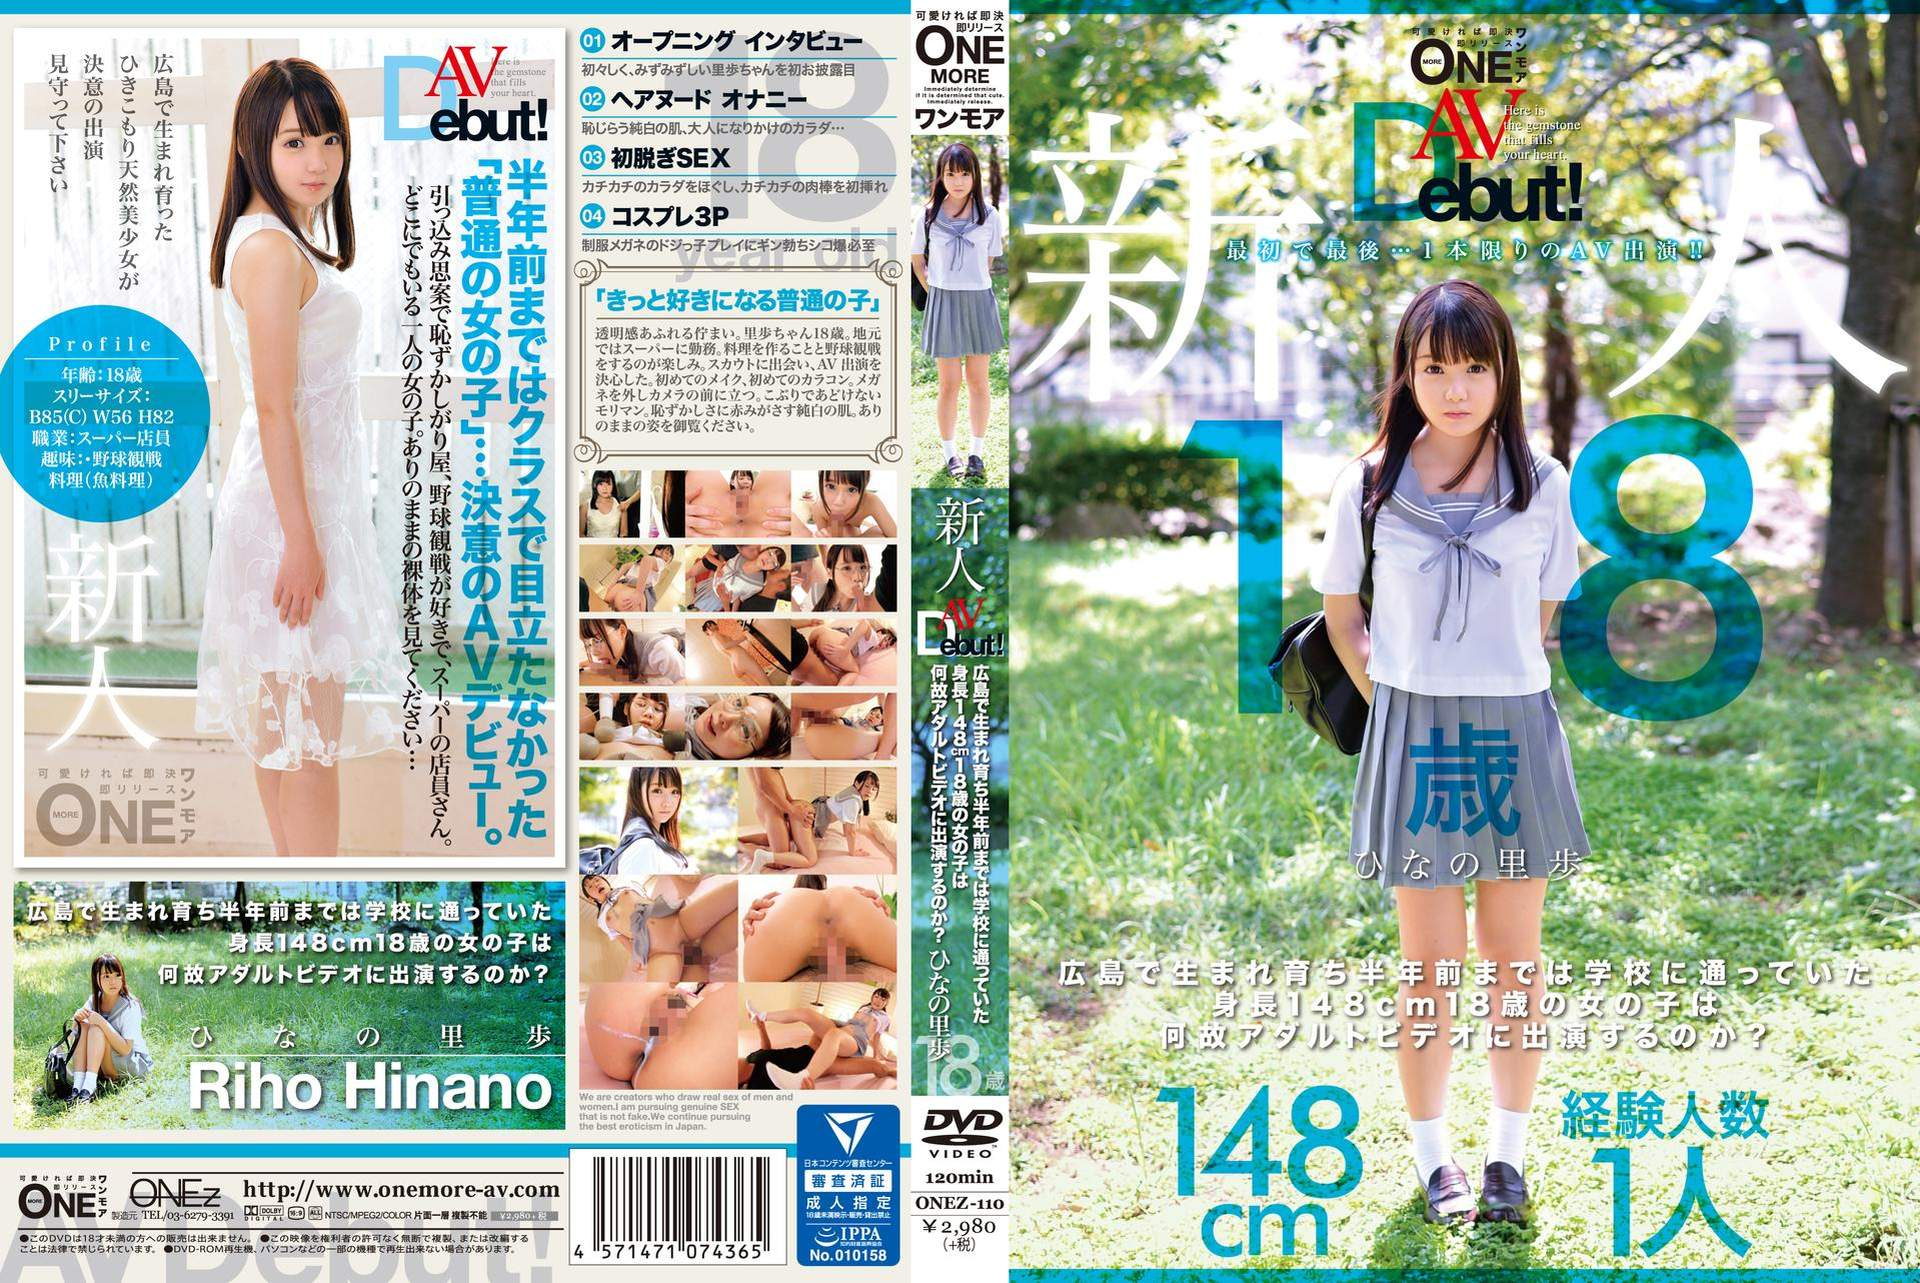 新人AVDebut! 広島で生まれ育ち半年前までは学校に通っていた身長148cm18歳の女の子は何故アダルトビデオに出演するのか? ひなの里歩